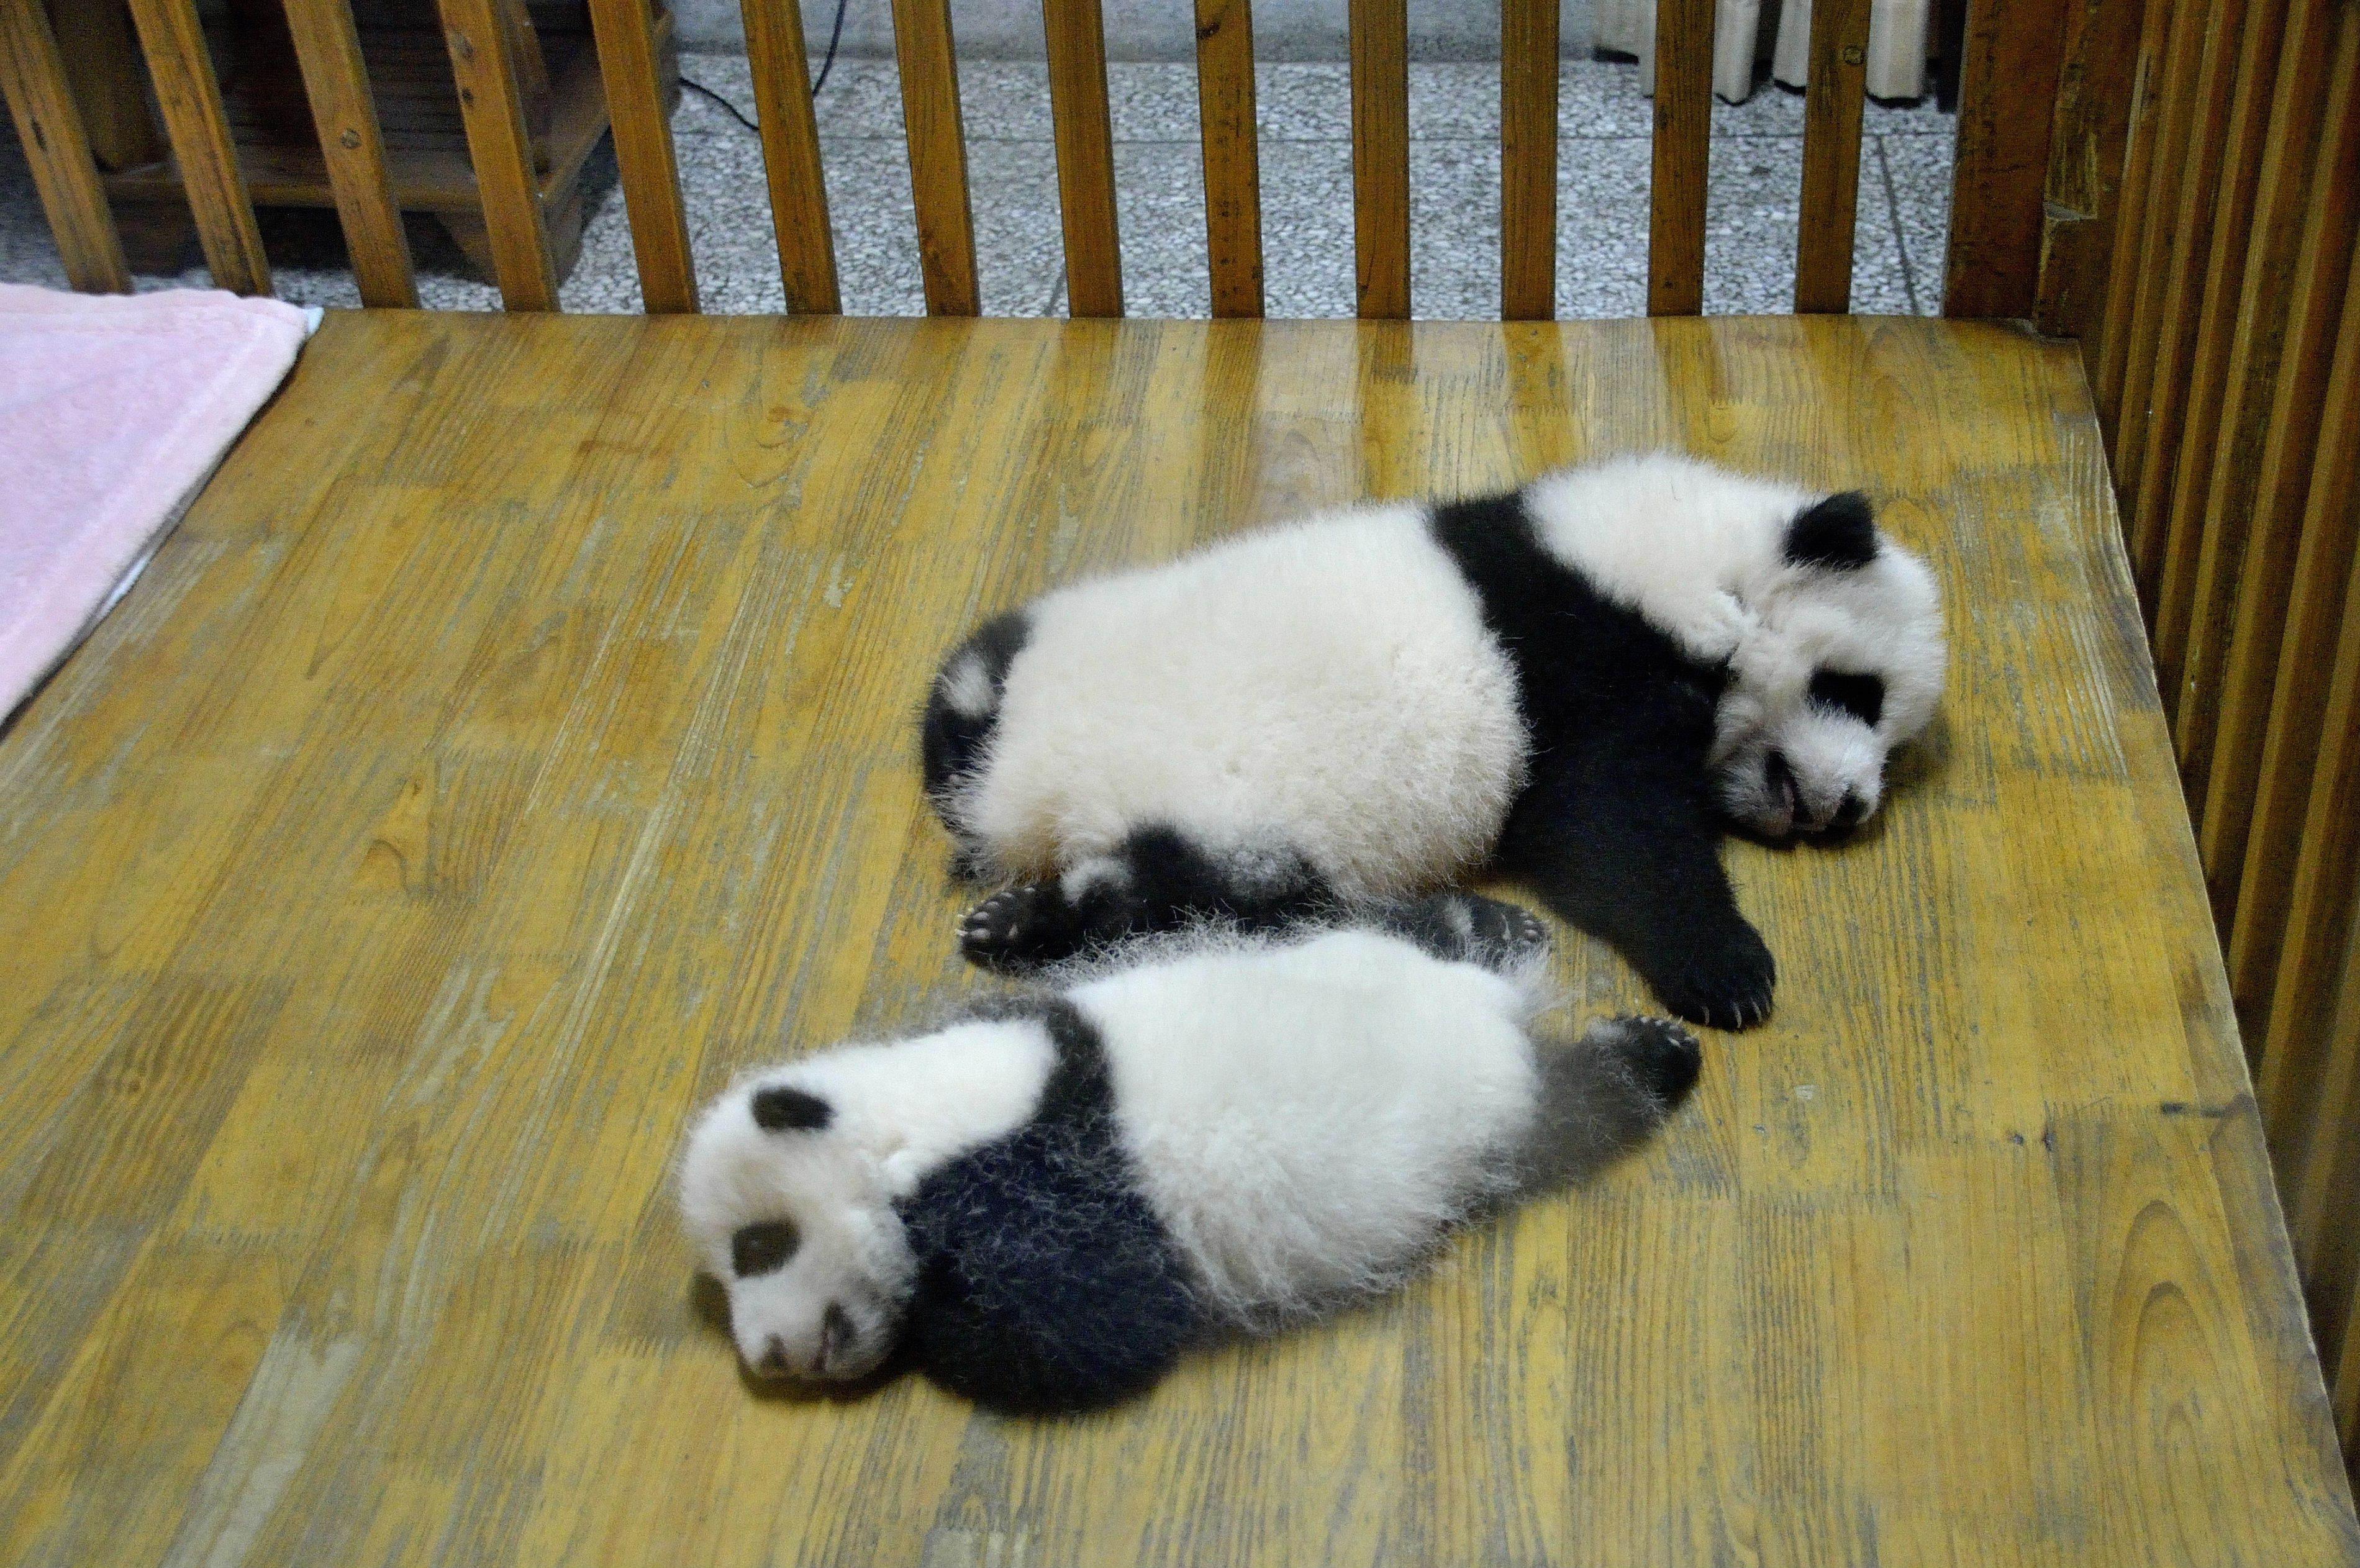 【携程攻略】四川成都大熊猫繁育研究基地景点